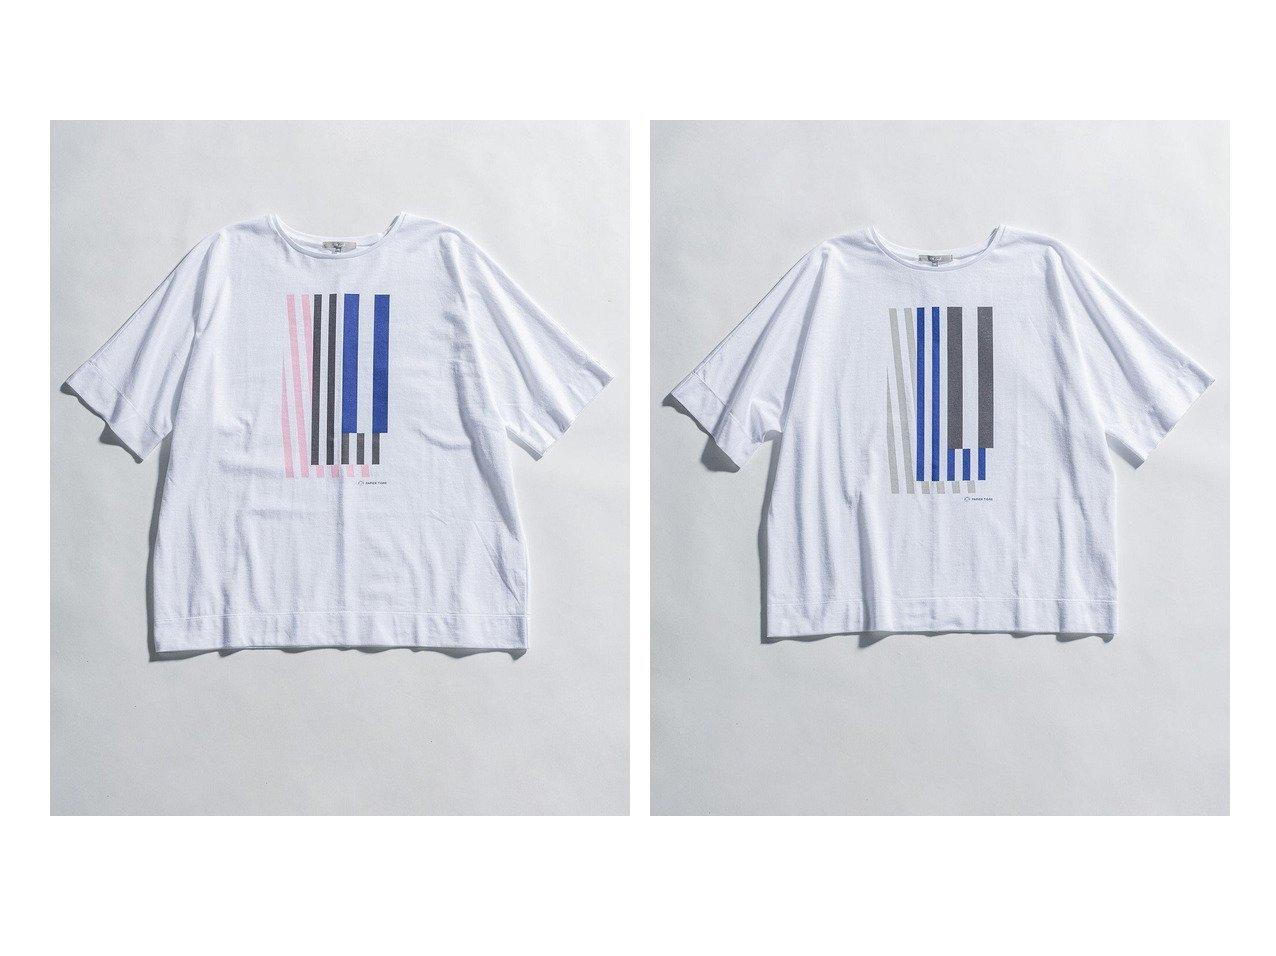 【NIJYUSANKU/23区】の【23区 lab.】PAPIER TIGRE プリント オーバーサイズ Tシャツ 【トップス・カットソー】おすすめ!人気、トレンド・レディースファッションの通販 おすすめで人気の流行・トレンド、ファッションの通販商品 インテリア・家具・メンズファッション・キッズファッション・レディースファッション・服の通販 founy(ファニー) https://founy.com/ ファッション Fashion レディースファッション WOMEN トップス・カットソー Tops/Tshirt シャツ/ブラウス Shirts/Blouses ロング / Tシャツ T-Shirts カットソー Cut and Sewn カットソー グラフィック シンプル ステーショナリー ストライプ ノースリーブ プリント リボン ルーズ 2021年 2021 S/S・春夏 SS・Spring/Summer 2021春夏・S/S SS/Spring/Summer/2021 送料無料 Free Shipping 夏 Summer  ID:crp329100000056936